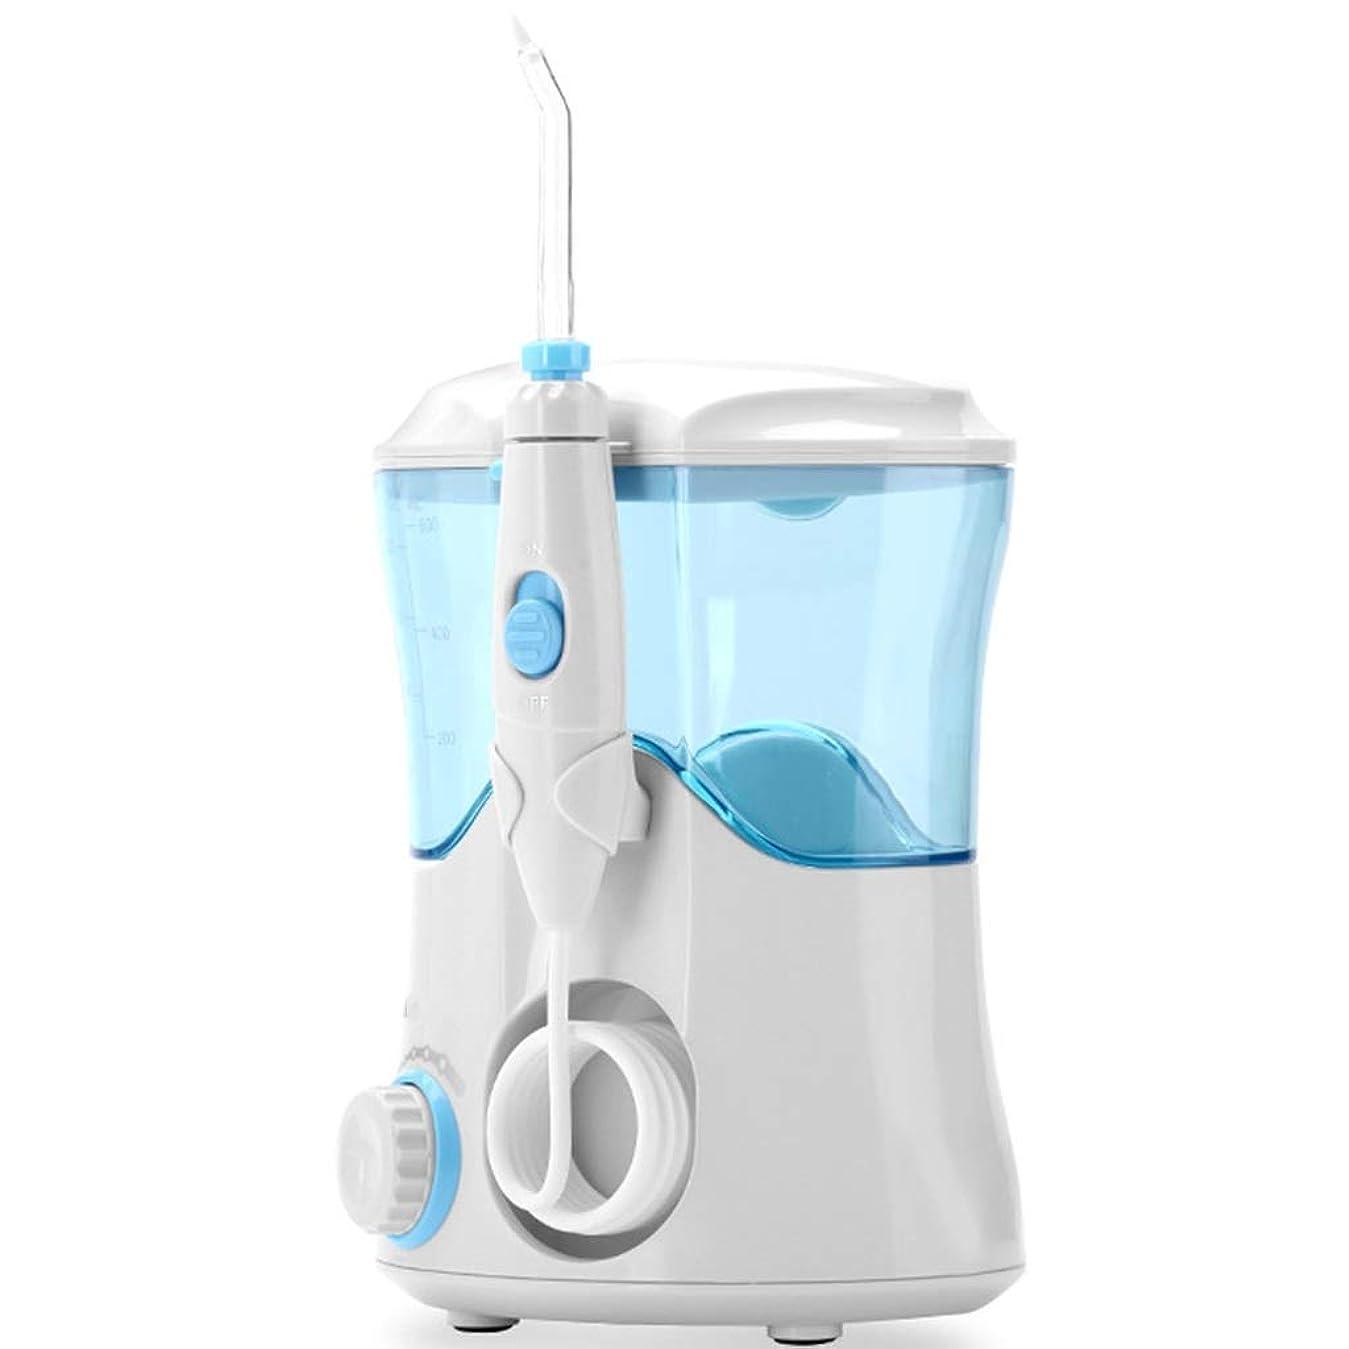 島偽装するパブプロのコードレス歯科用口腔洗浄器 - ポータブルおよび充電式IPX7は、家庭用および旅行用の洗浄可能な水タンクで3モードのフロスを防水、ブレース、ブリッジのお手入れ (Color : Black)